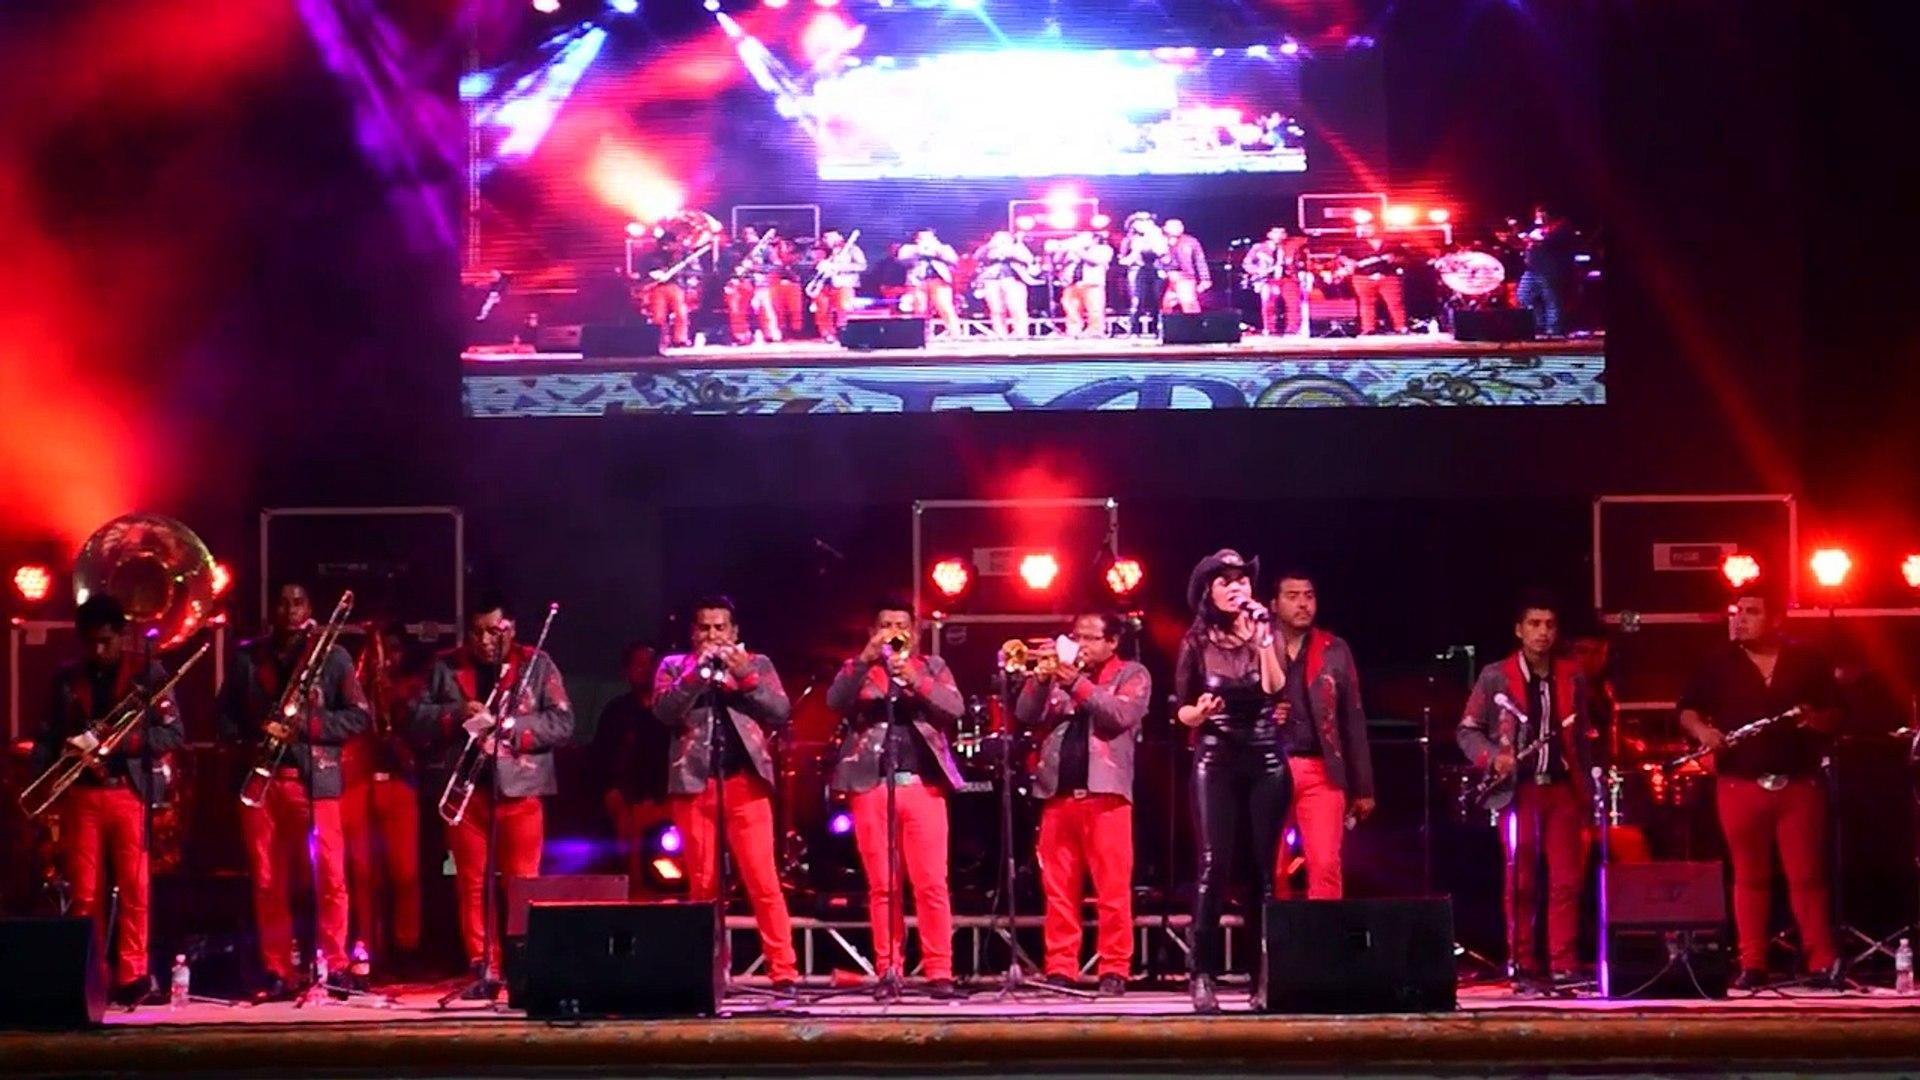 Music video for Te Encontré Como Quería (Live) performed by Adolfina Nava.